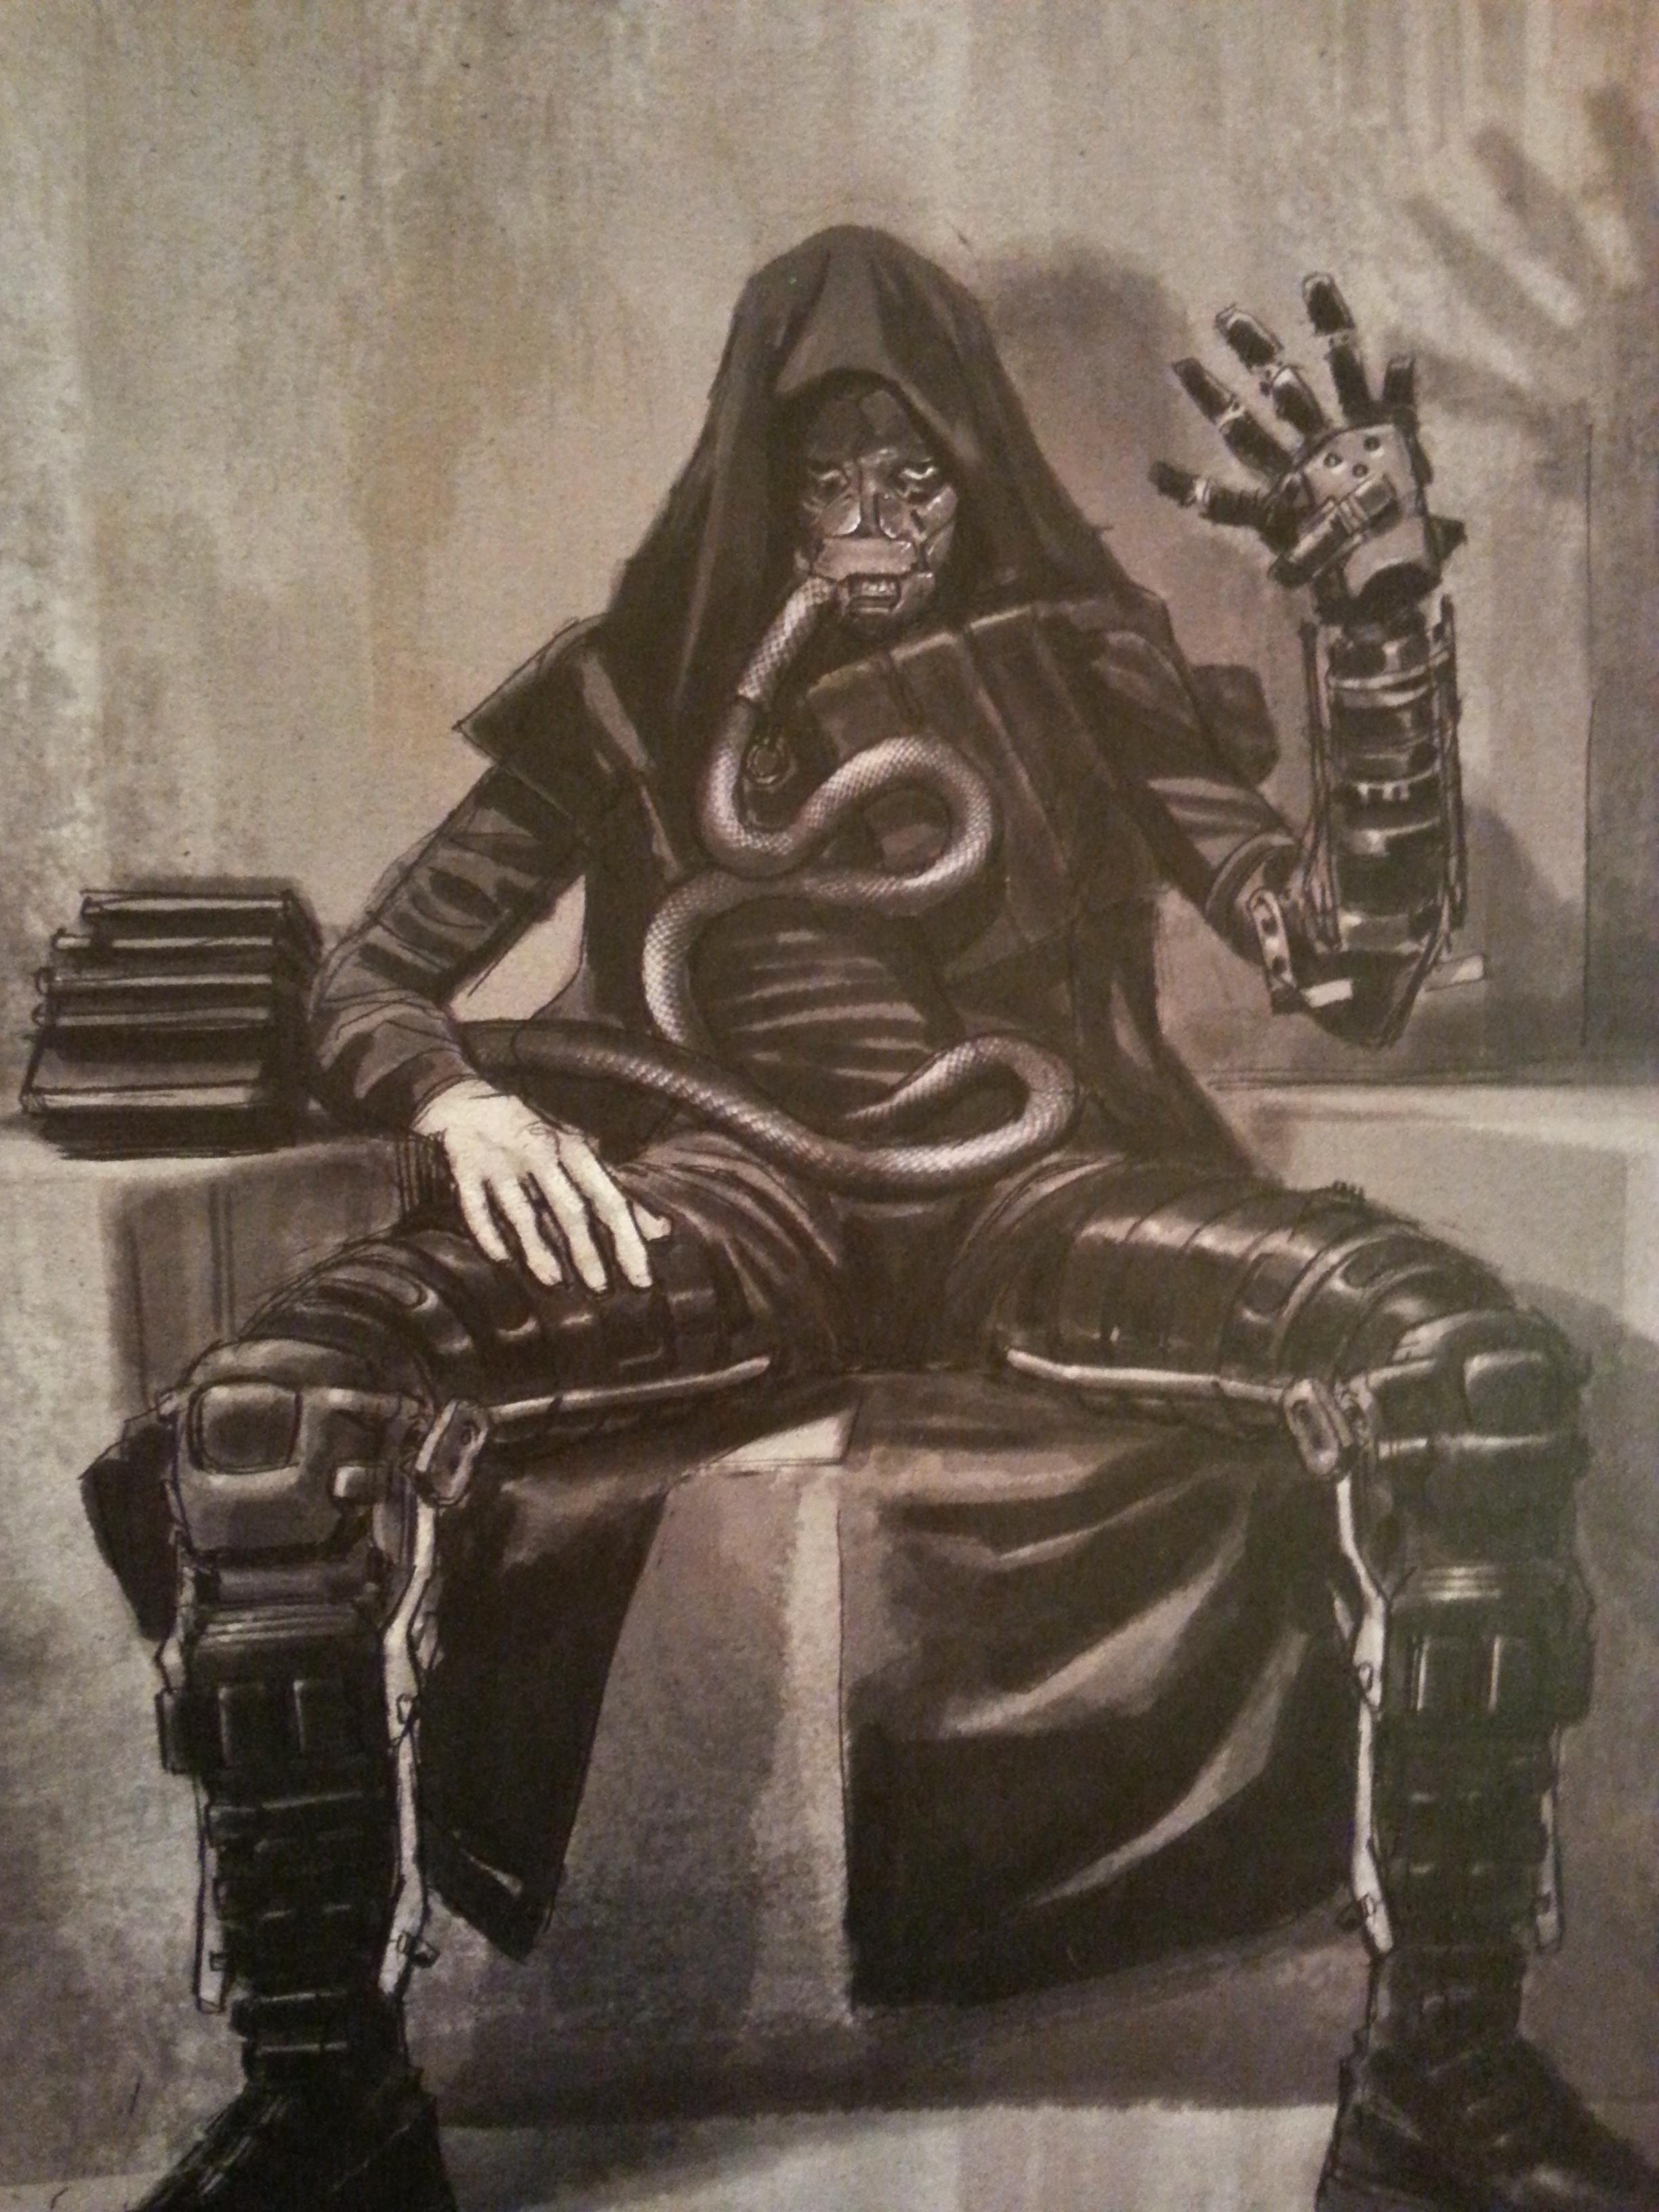 10-13 Jedi Killer Concept 5